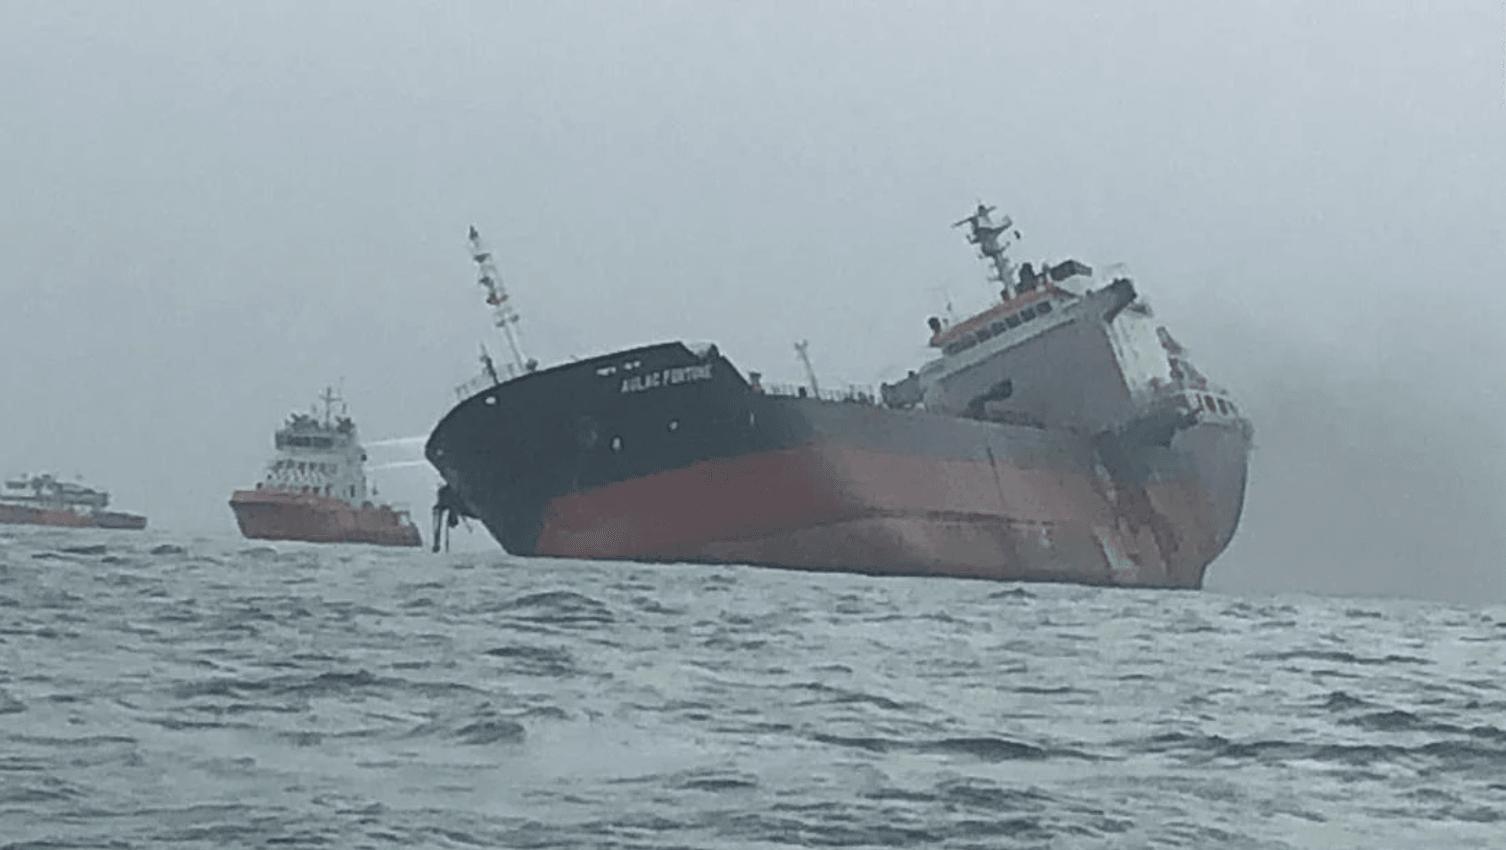 haberler, gundem - Ekran Resmi 2019 01 08 13.08.22 - Hong-Kongda Gemi Patlaması